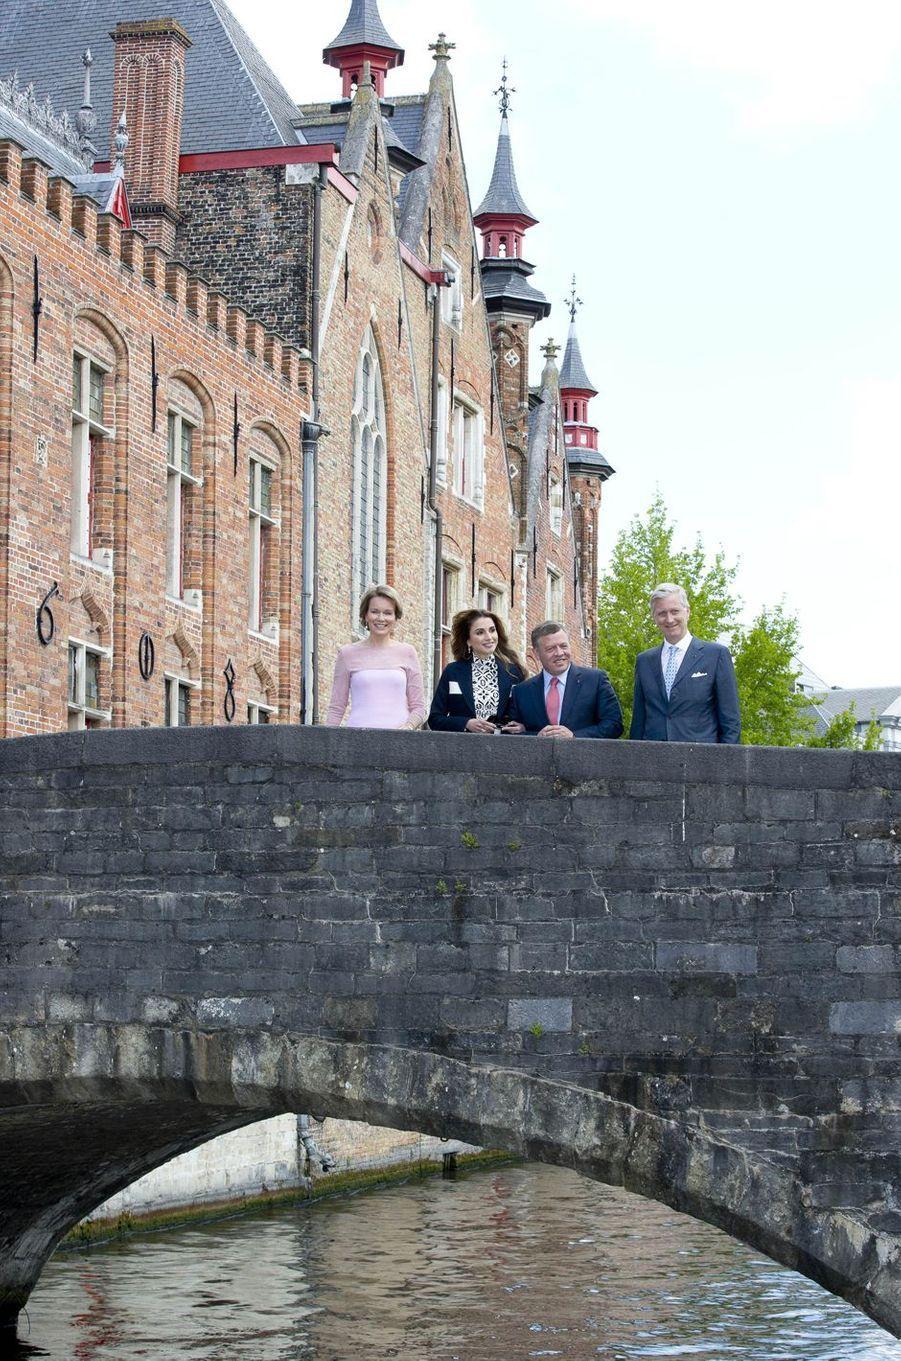 En visite d'État en Belgique avec son royal époux, la reine Rania de Jordanie, guidée par la reine Mathilde, n'a pu échapper ce jeudi 19 mai à la visite d'une chocolaterie belge à Bruges, où leurs royaux époux les ont rejointes pour l'heure du déjeuner.